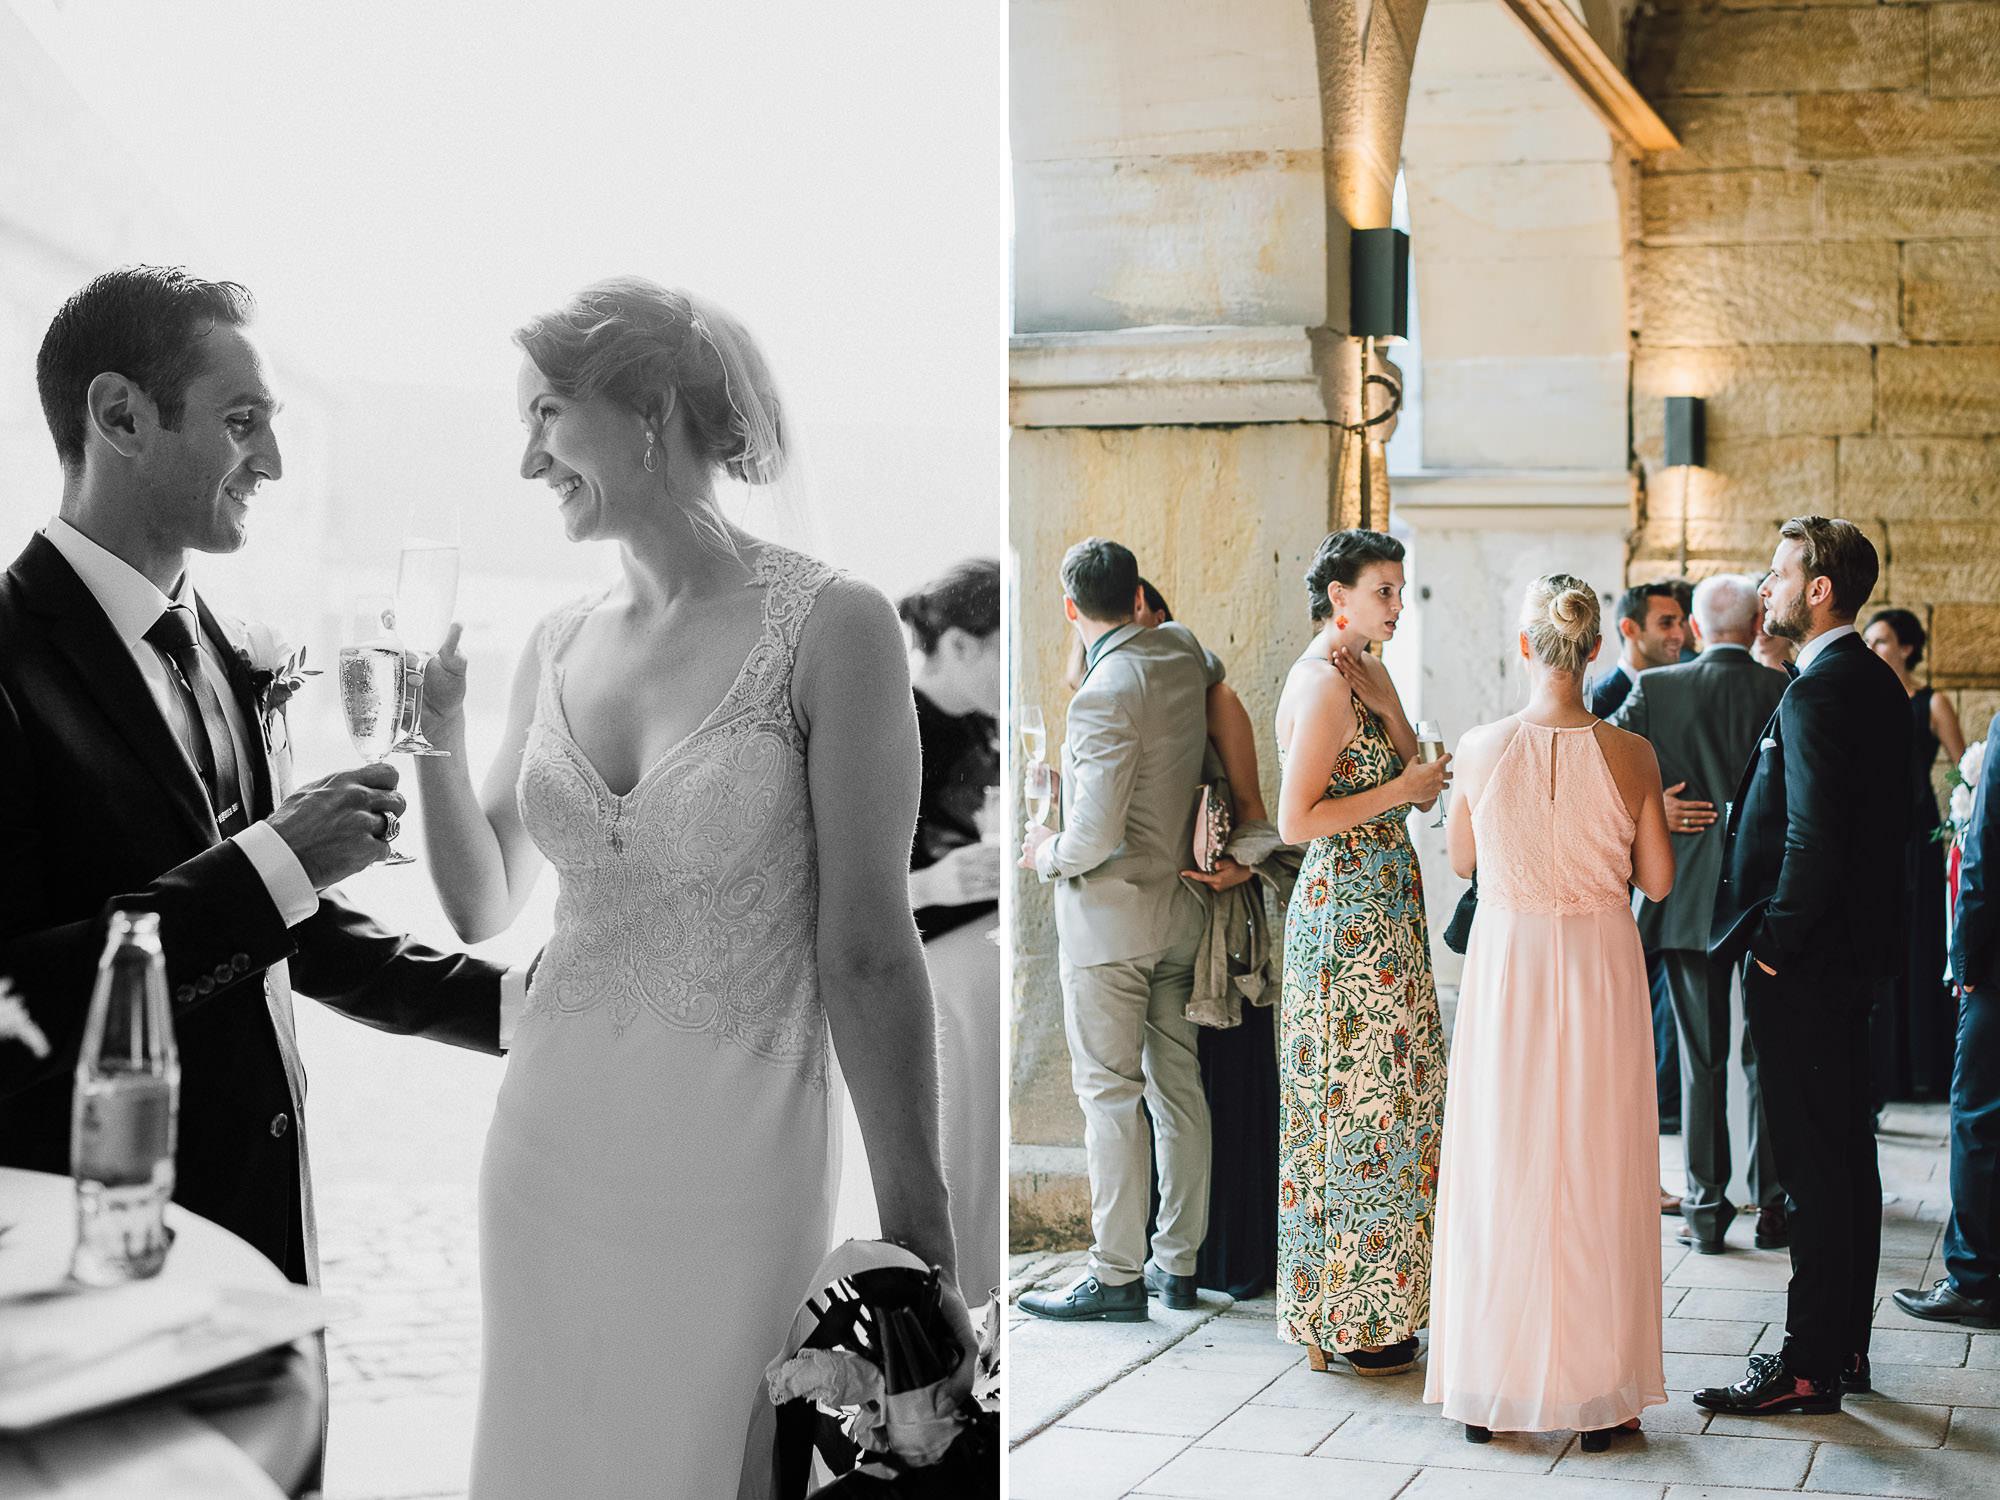 rustic-elegant-wedding-schloss-hochzeit-eyrichshof-franken-bamberg-085